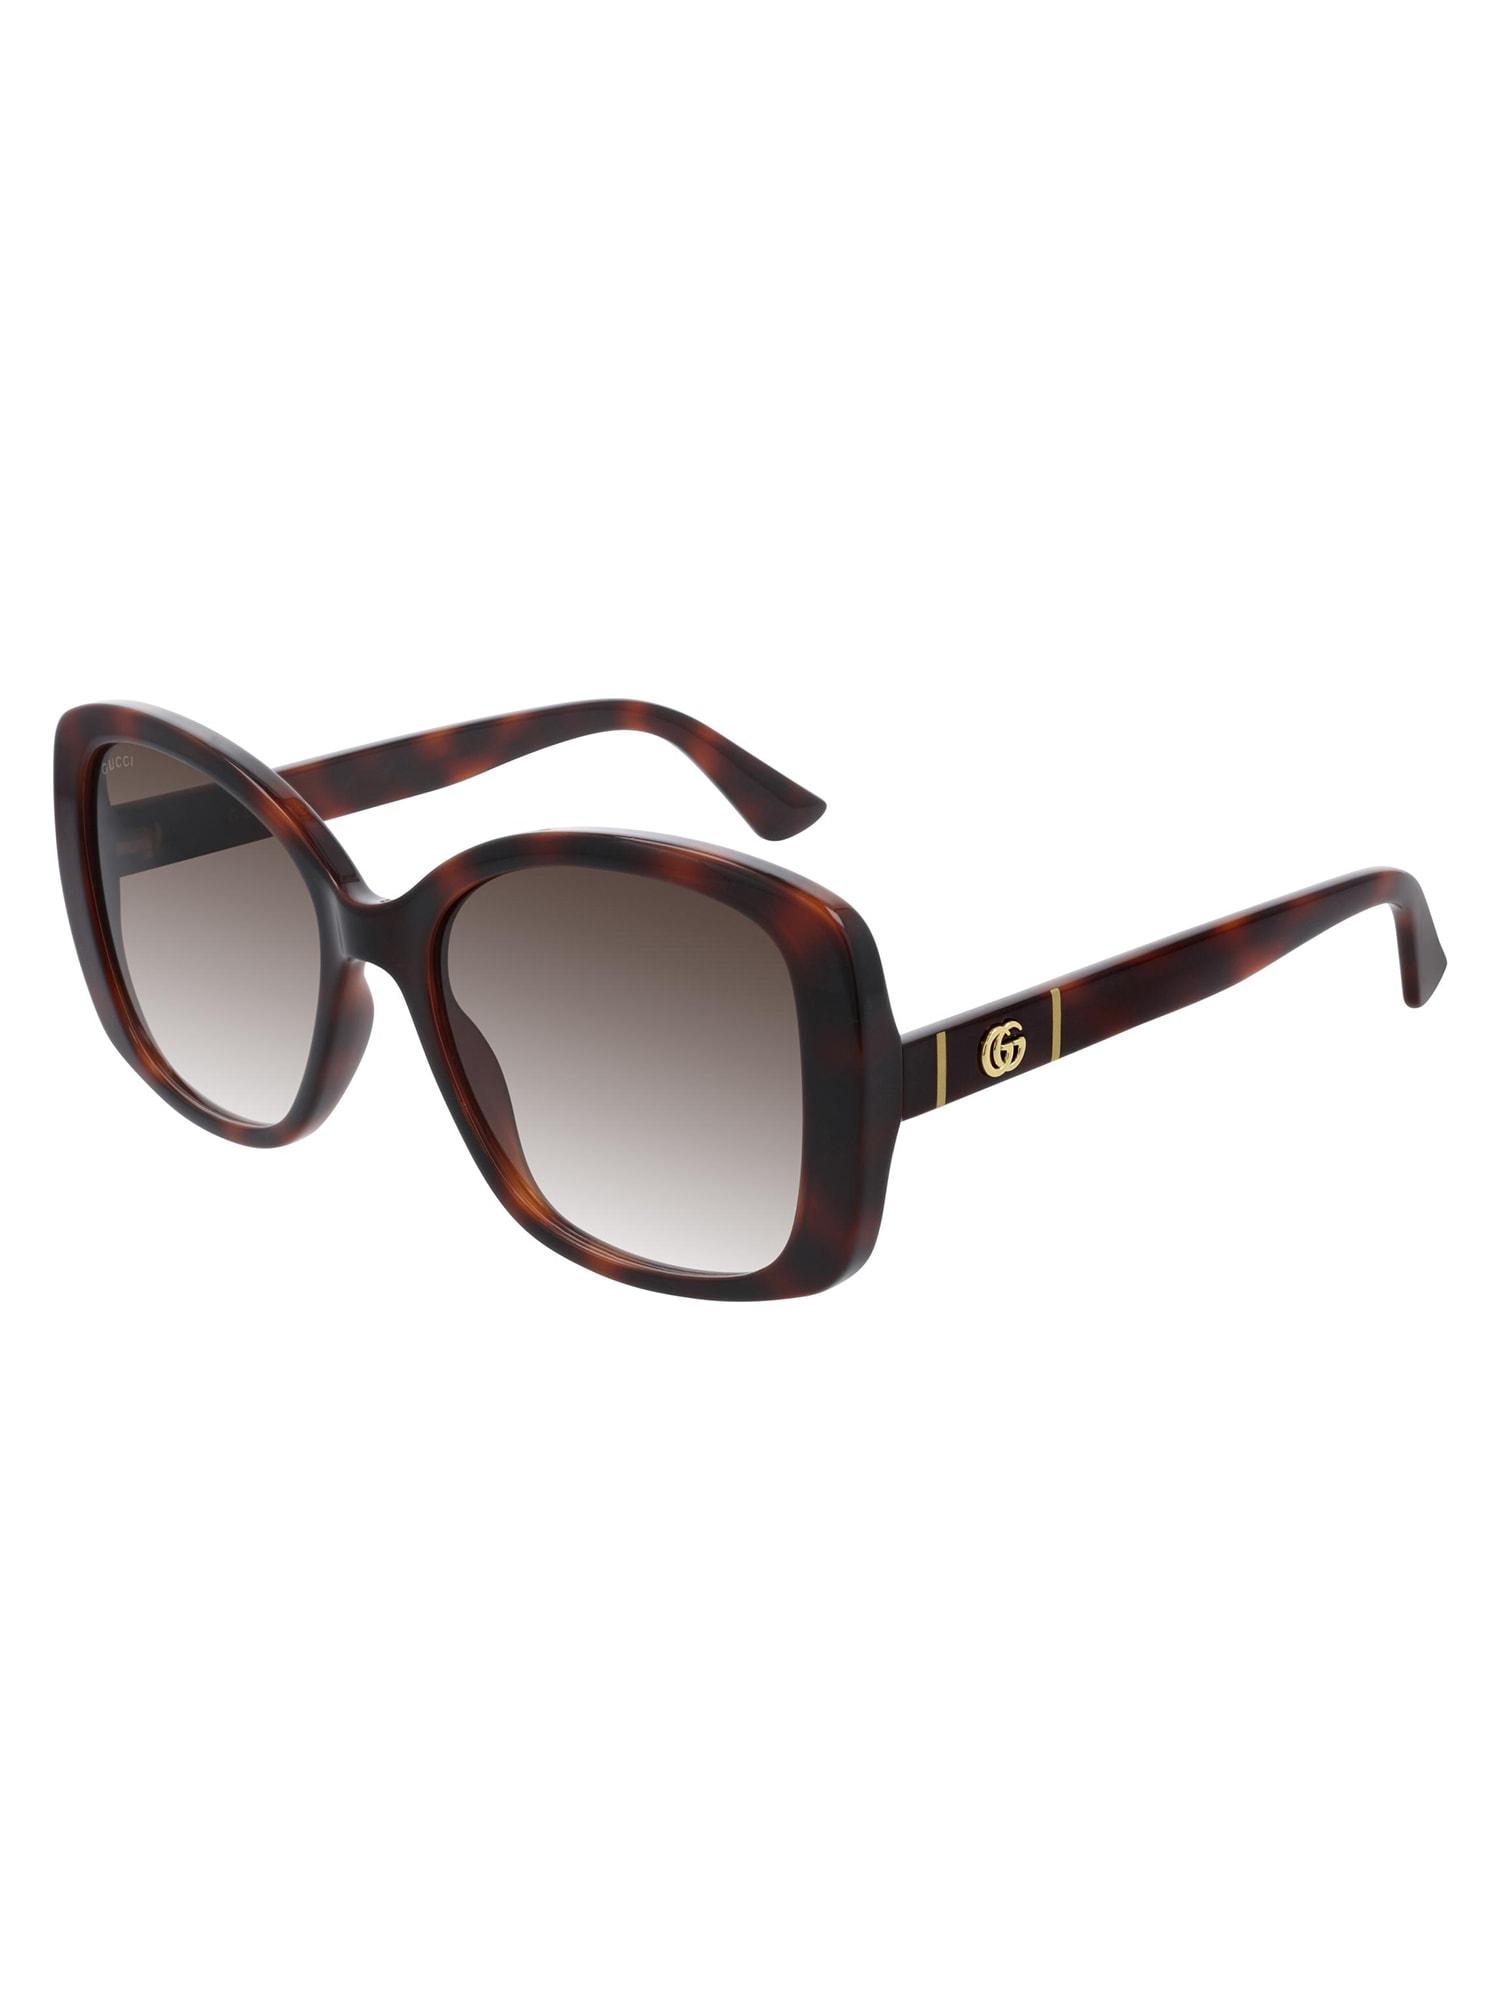 Gucci GG0762S Sunglasses